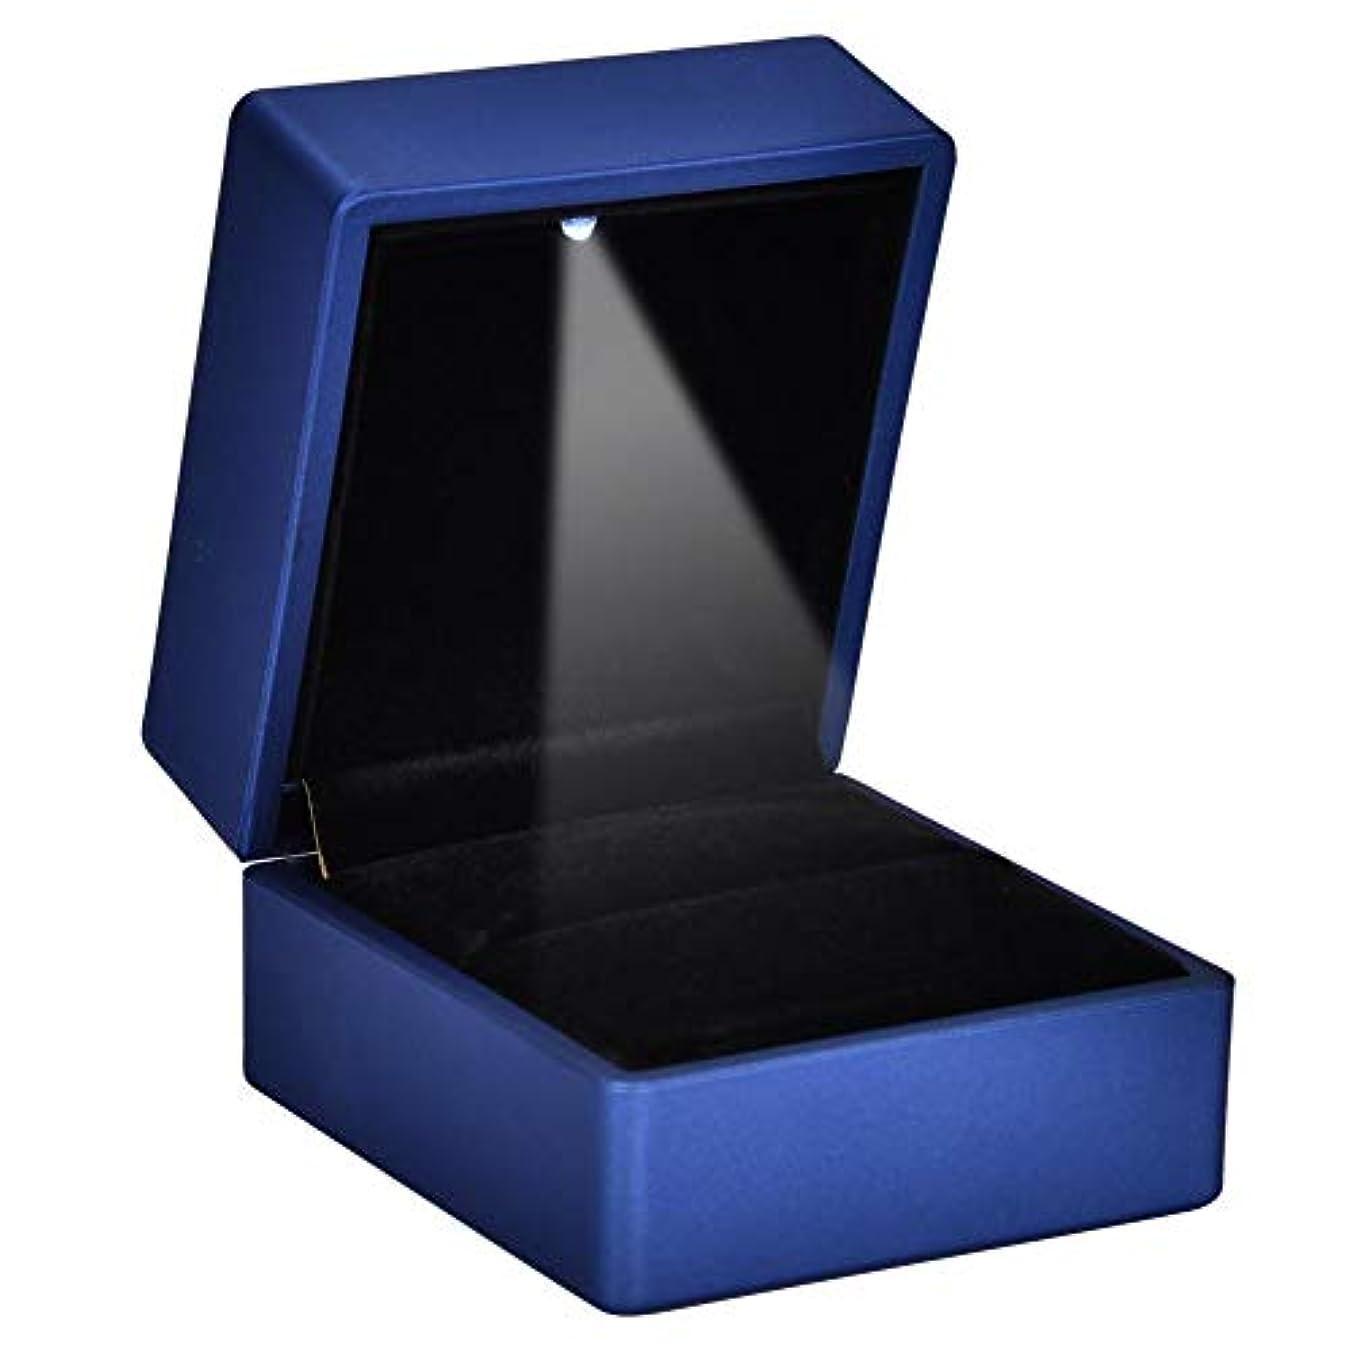 大聖堂地下年2種類ファッショナブルなLEDリングボックス - 内部LED照明付きリングケース、ジュエリーホルダーリング収納ケース、結婚式の提案(ブルー-90 * 70 * 35)